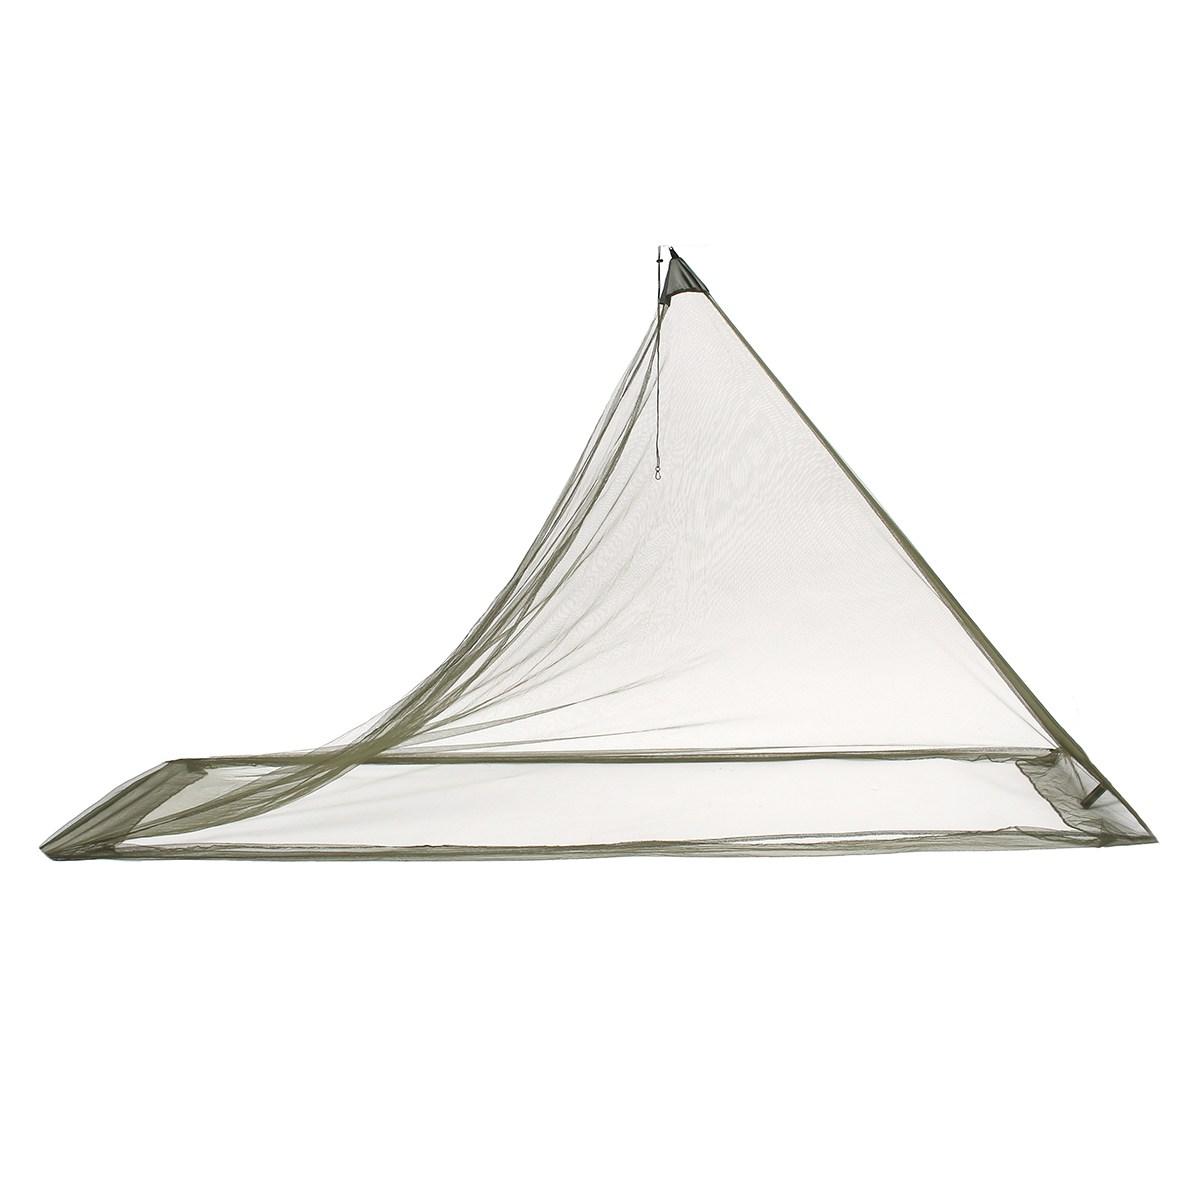 [해외]240x94x135CM 야외 Ultralight 텐트 휴대용 접는 물고기 캠핑 하이킹 일 그늘 모기 곤충 그물 단일 침대 태양 대피 소/240x94x135CM Outdoor Ultralight Tent Portable Folding Fish Camping Hik